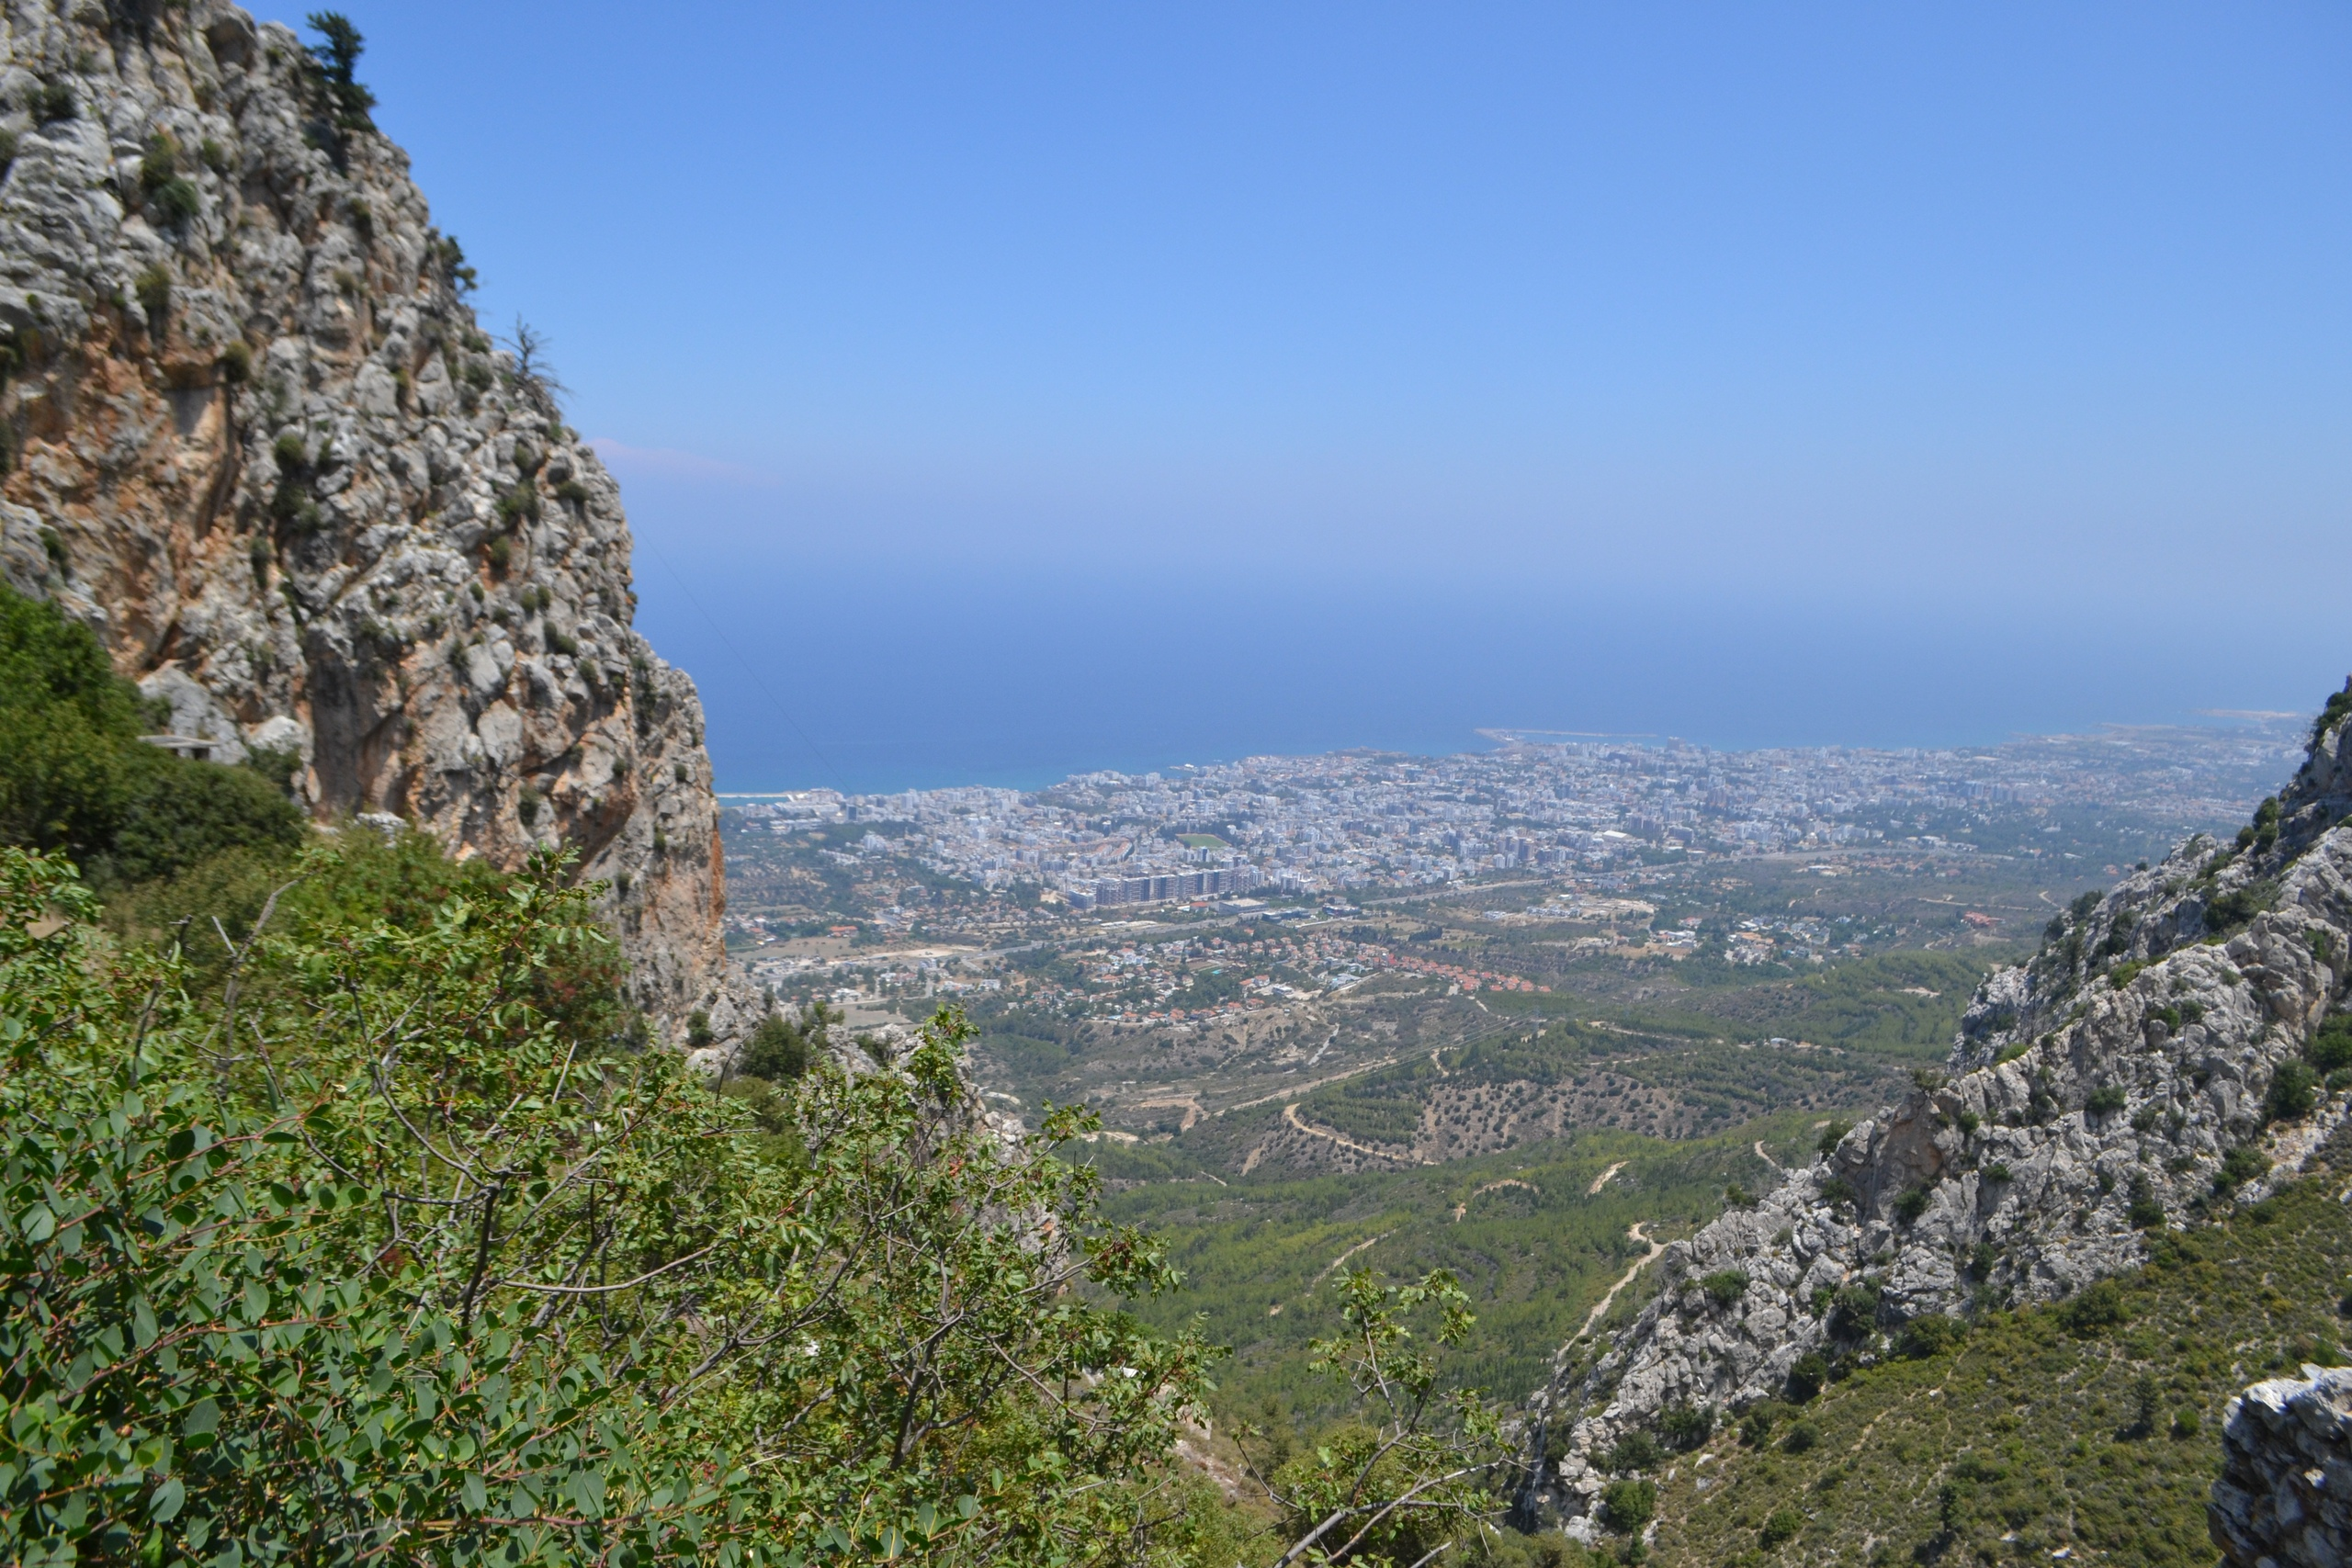 Северный Кипр. Замок Святого Иллариона. (фото). Uqg5qrxYRlM